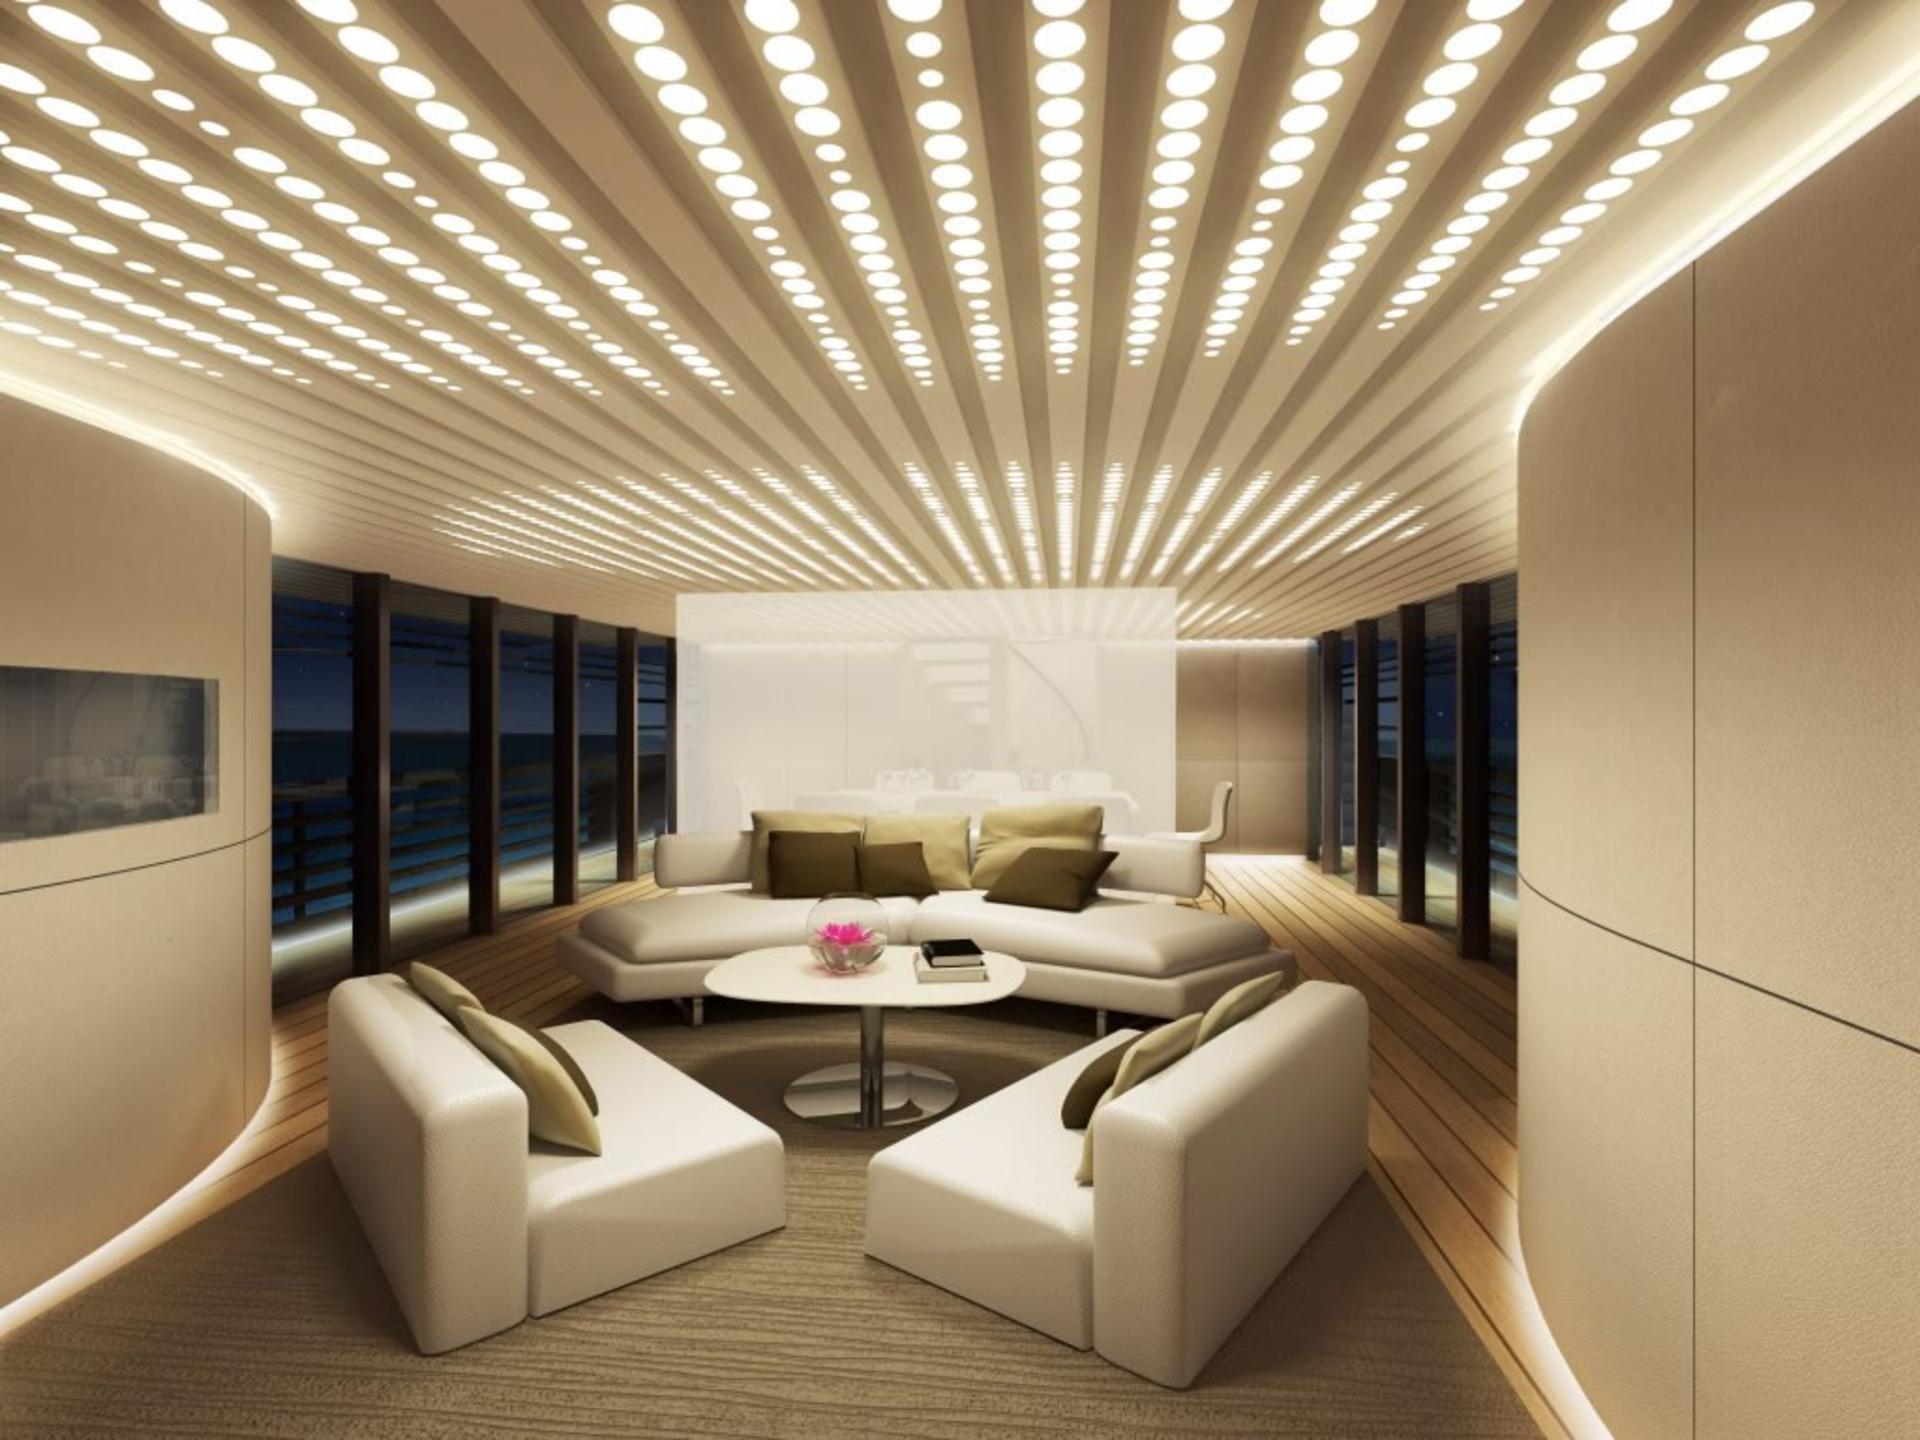 освещение для частного дома